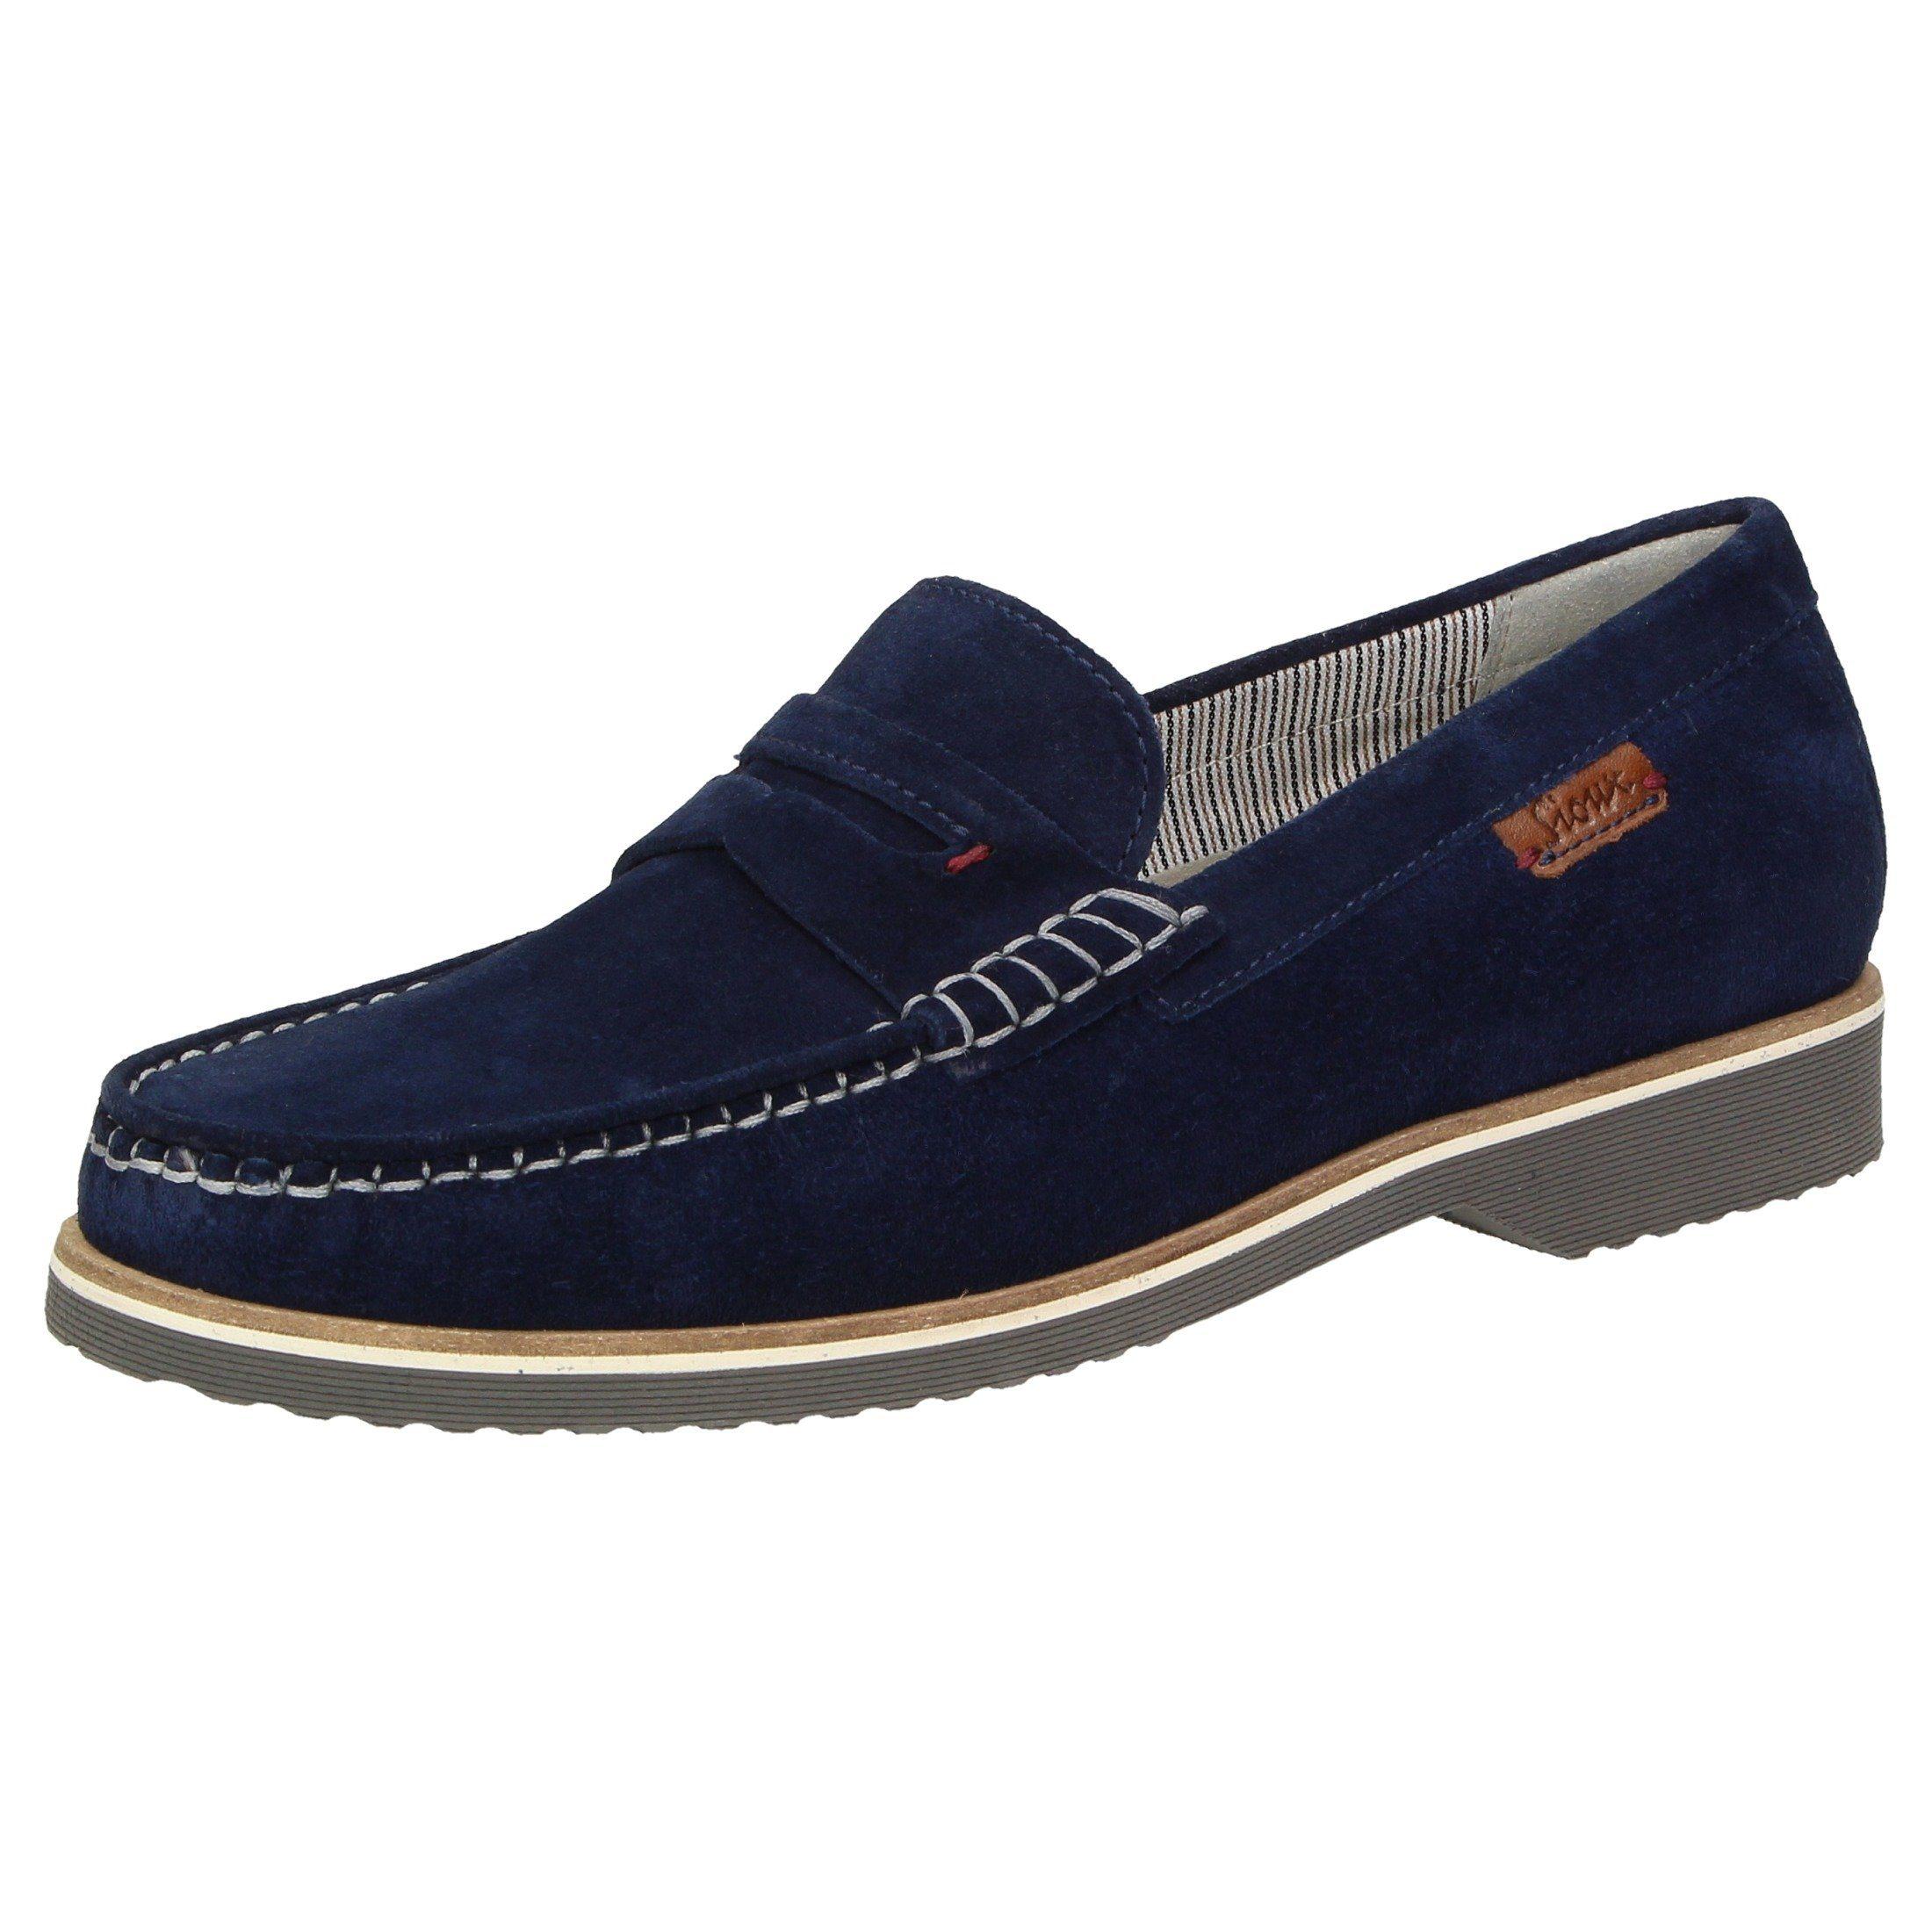 SIOUX Edelwin Slipper online kaufen  blau